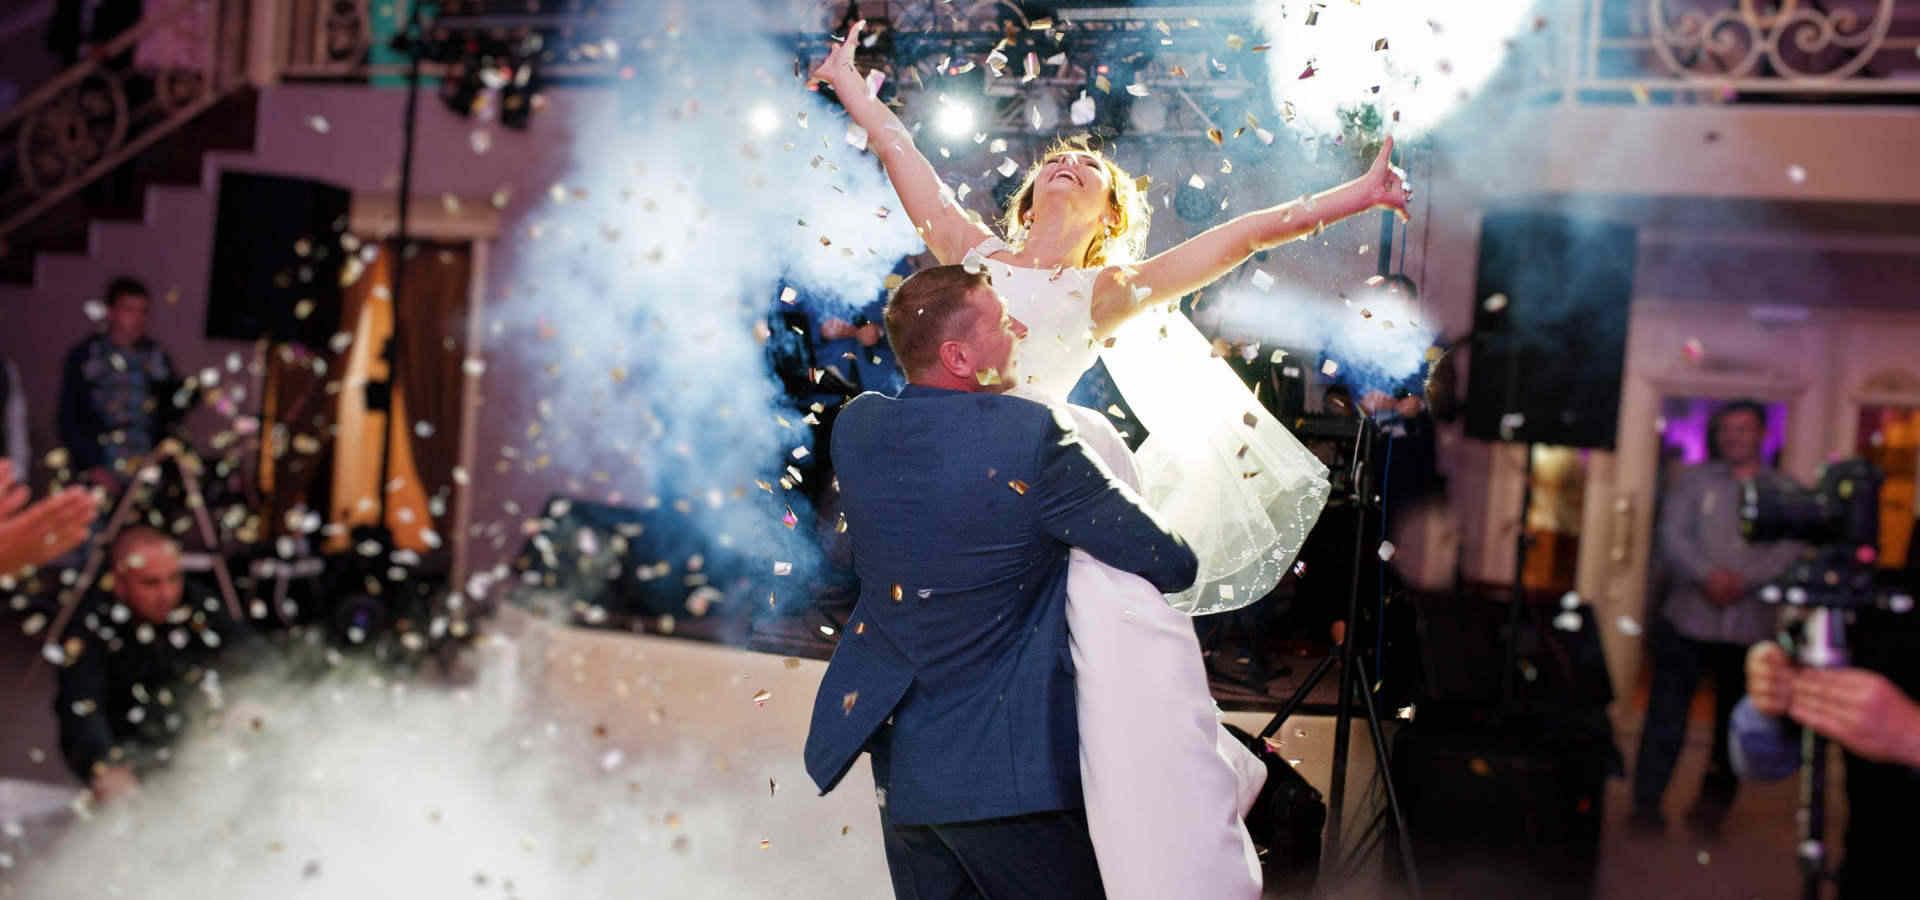 Hochzeiten sind eine Spezialität der Dreimannband